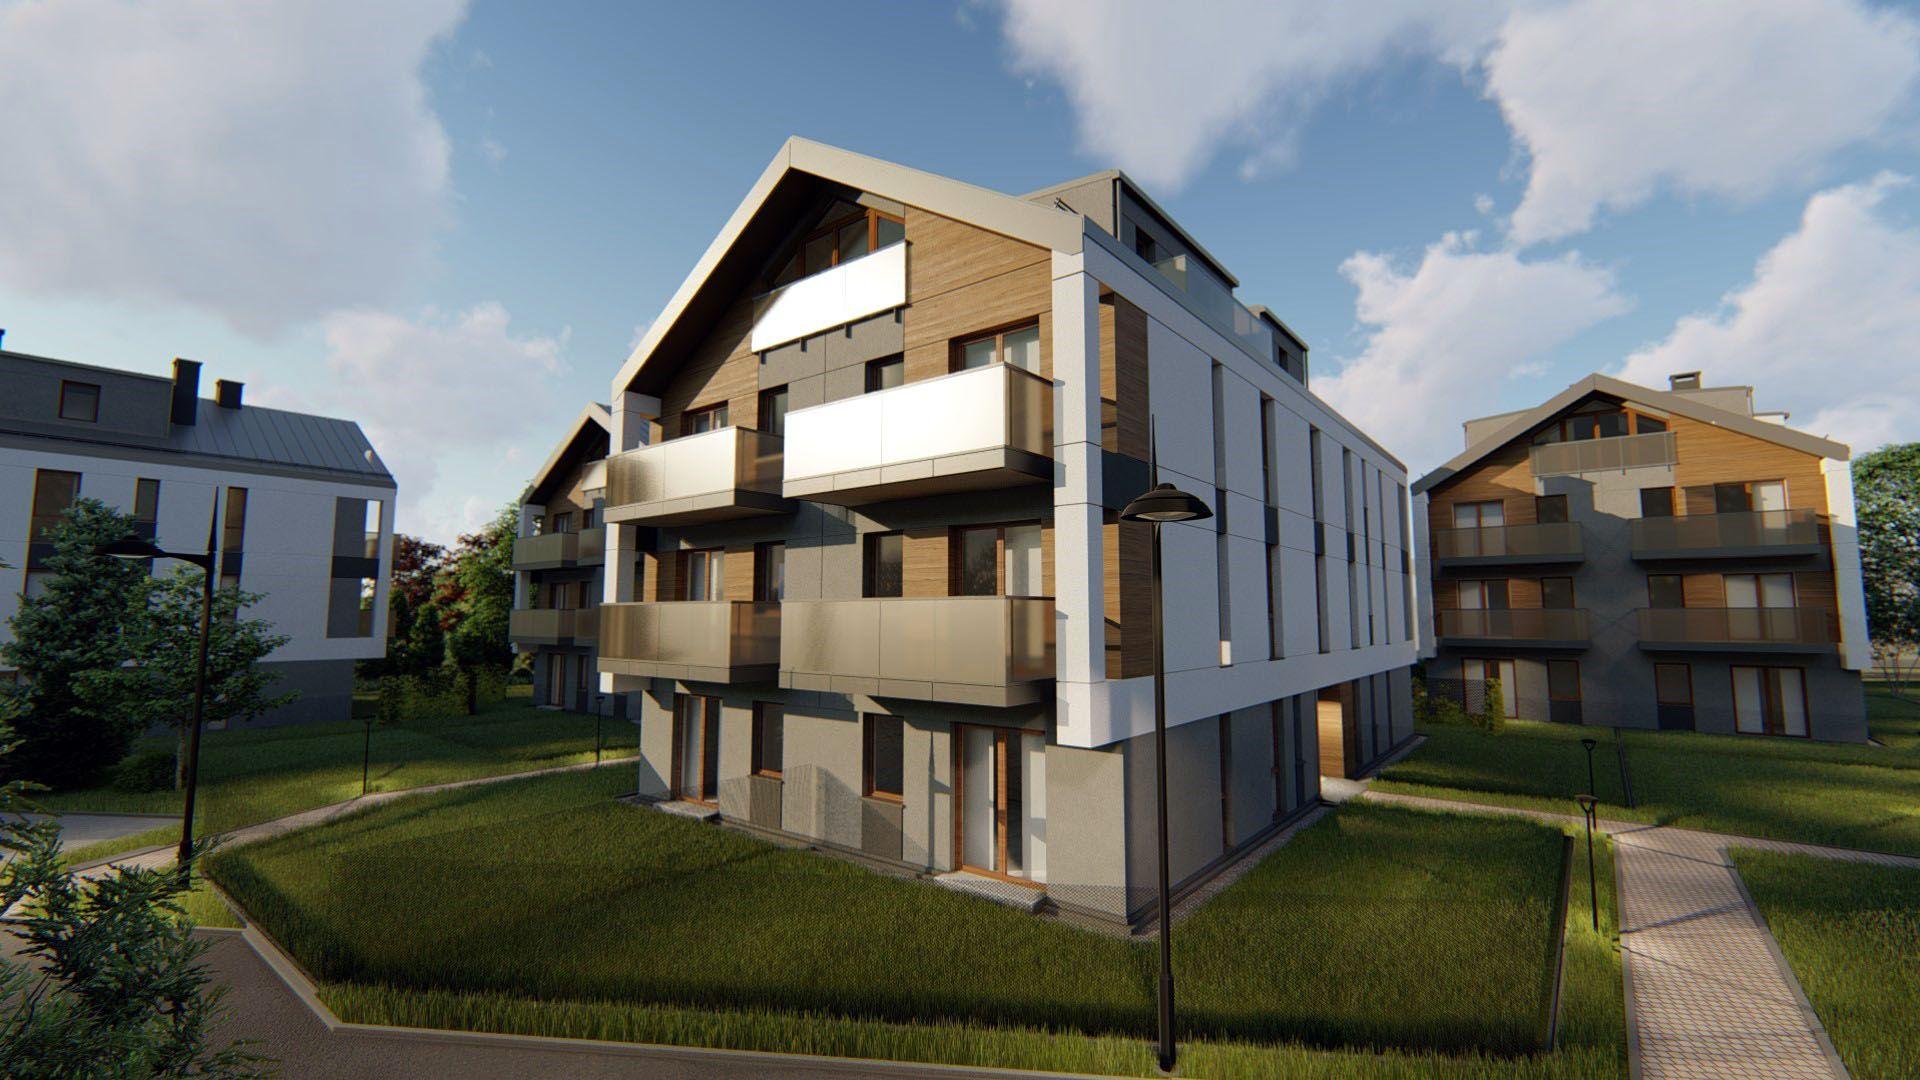 Kraków: Łokietka 213 – Real Construct stawia nowe osiedle na Prądniku Białym